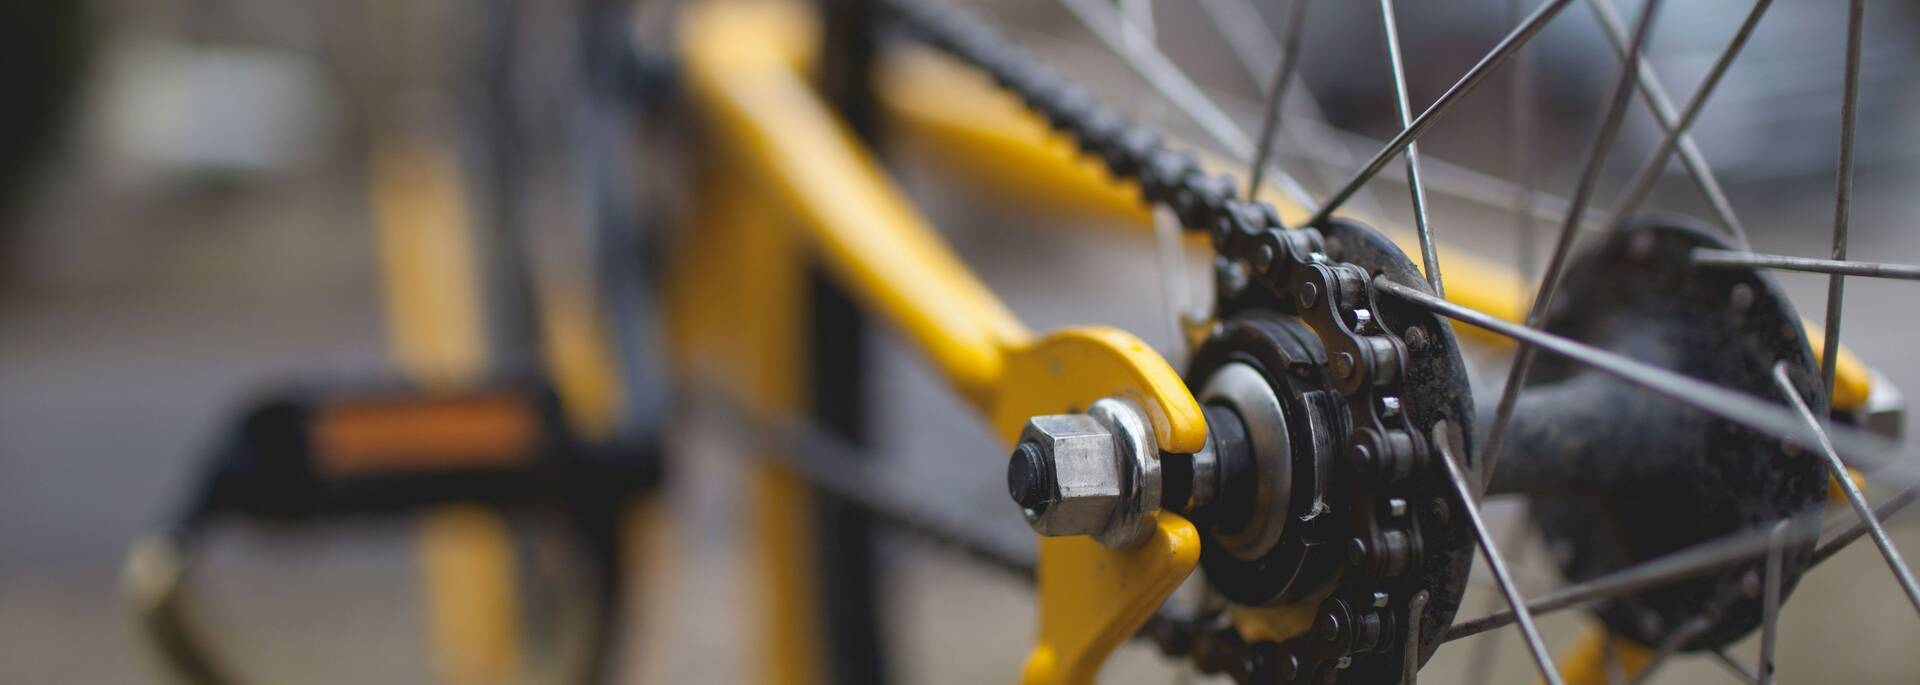 Réparer votre vélo à Angers - © Chris Becker - Unsplash